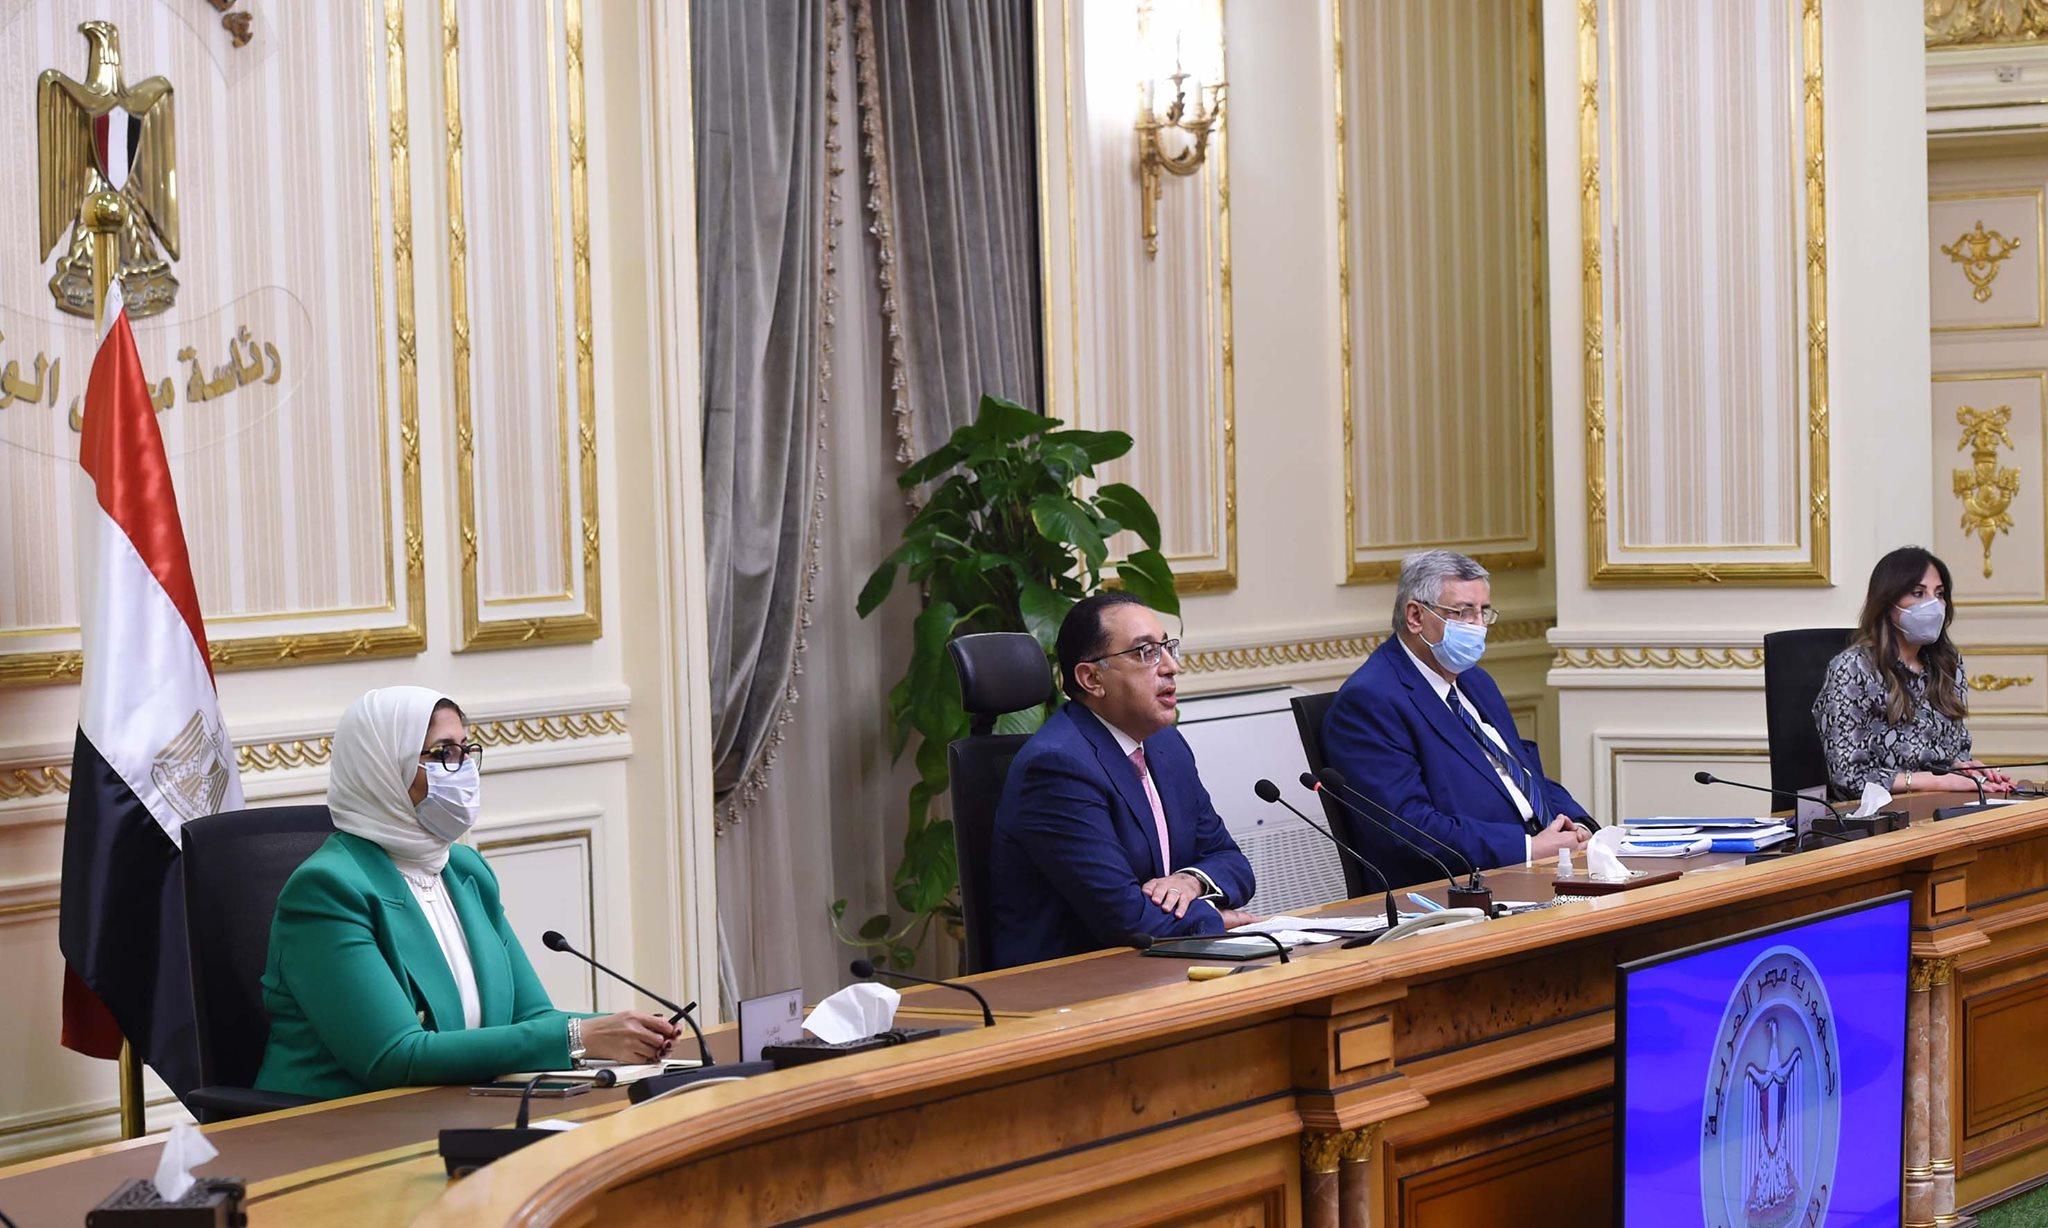 قرارات مجلس الوزراء اليوم لمواجهة كورونا وموعد إجازة عيد الفطر 2021 وموقف صلاة العيد 3